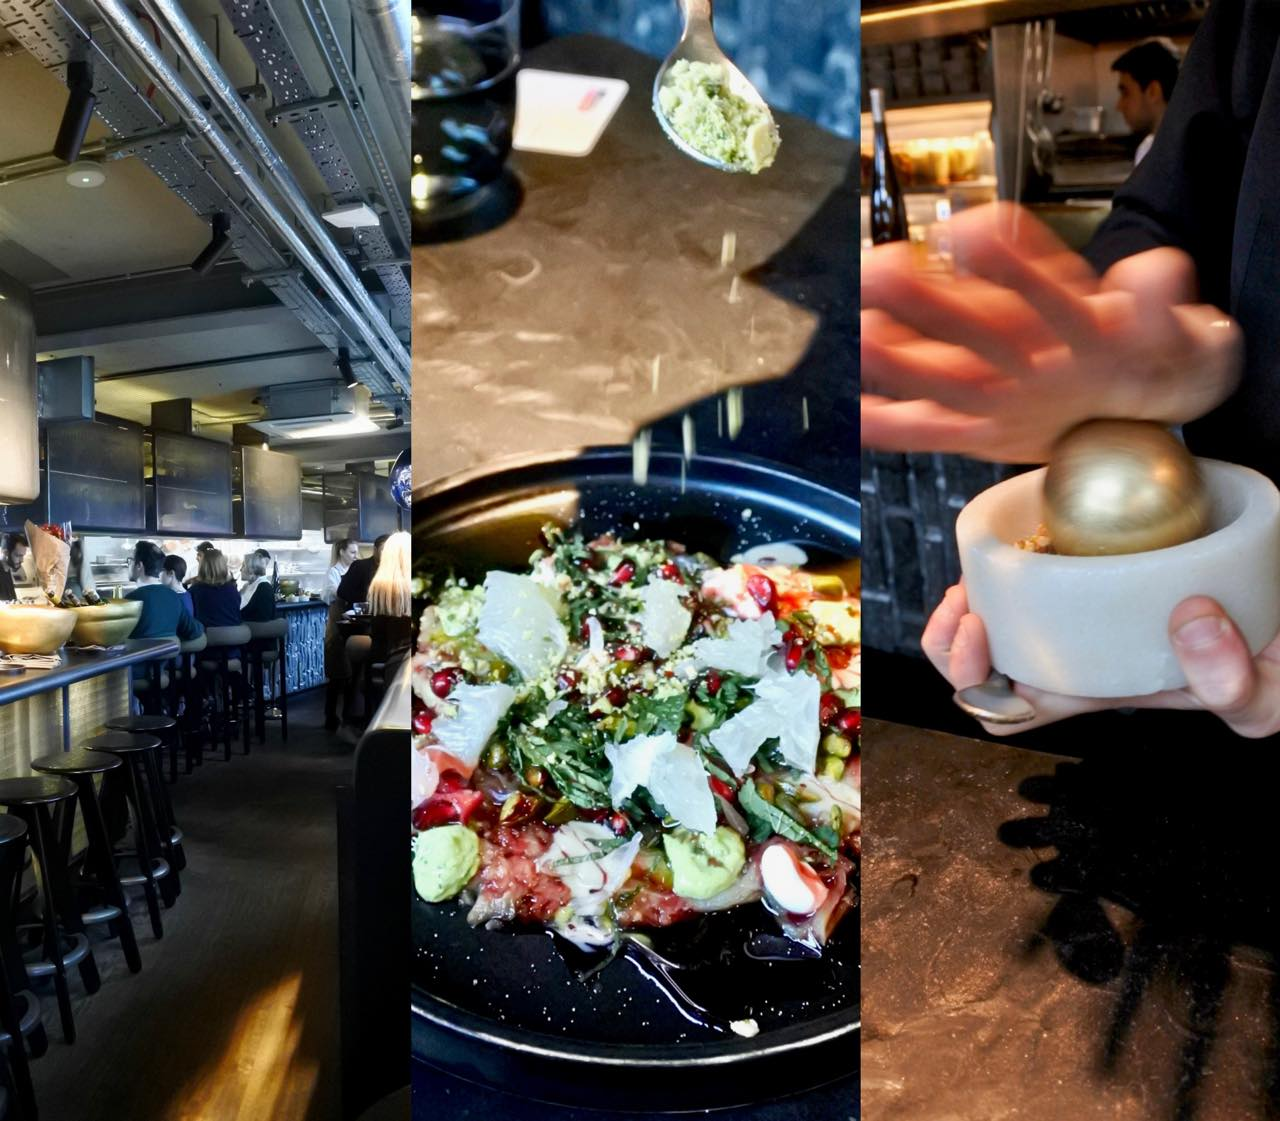 こちらはナスのお料理で、テーブルでスパイスやピスタチオをミルで挽いてサーブしてくれます。ゴールドのボールで挽く用具もトム・ディクソン! w